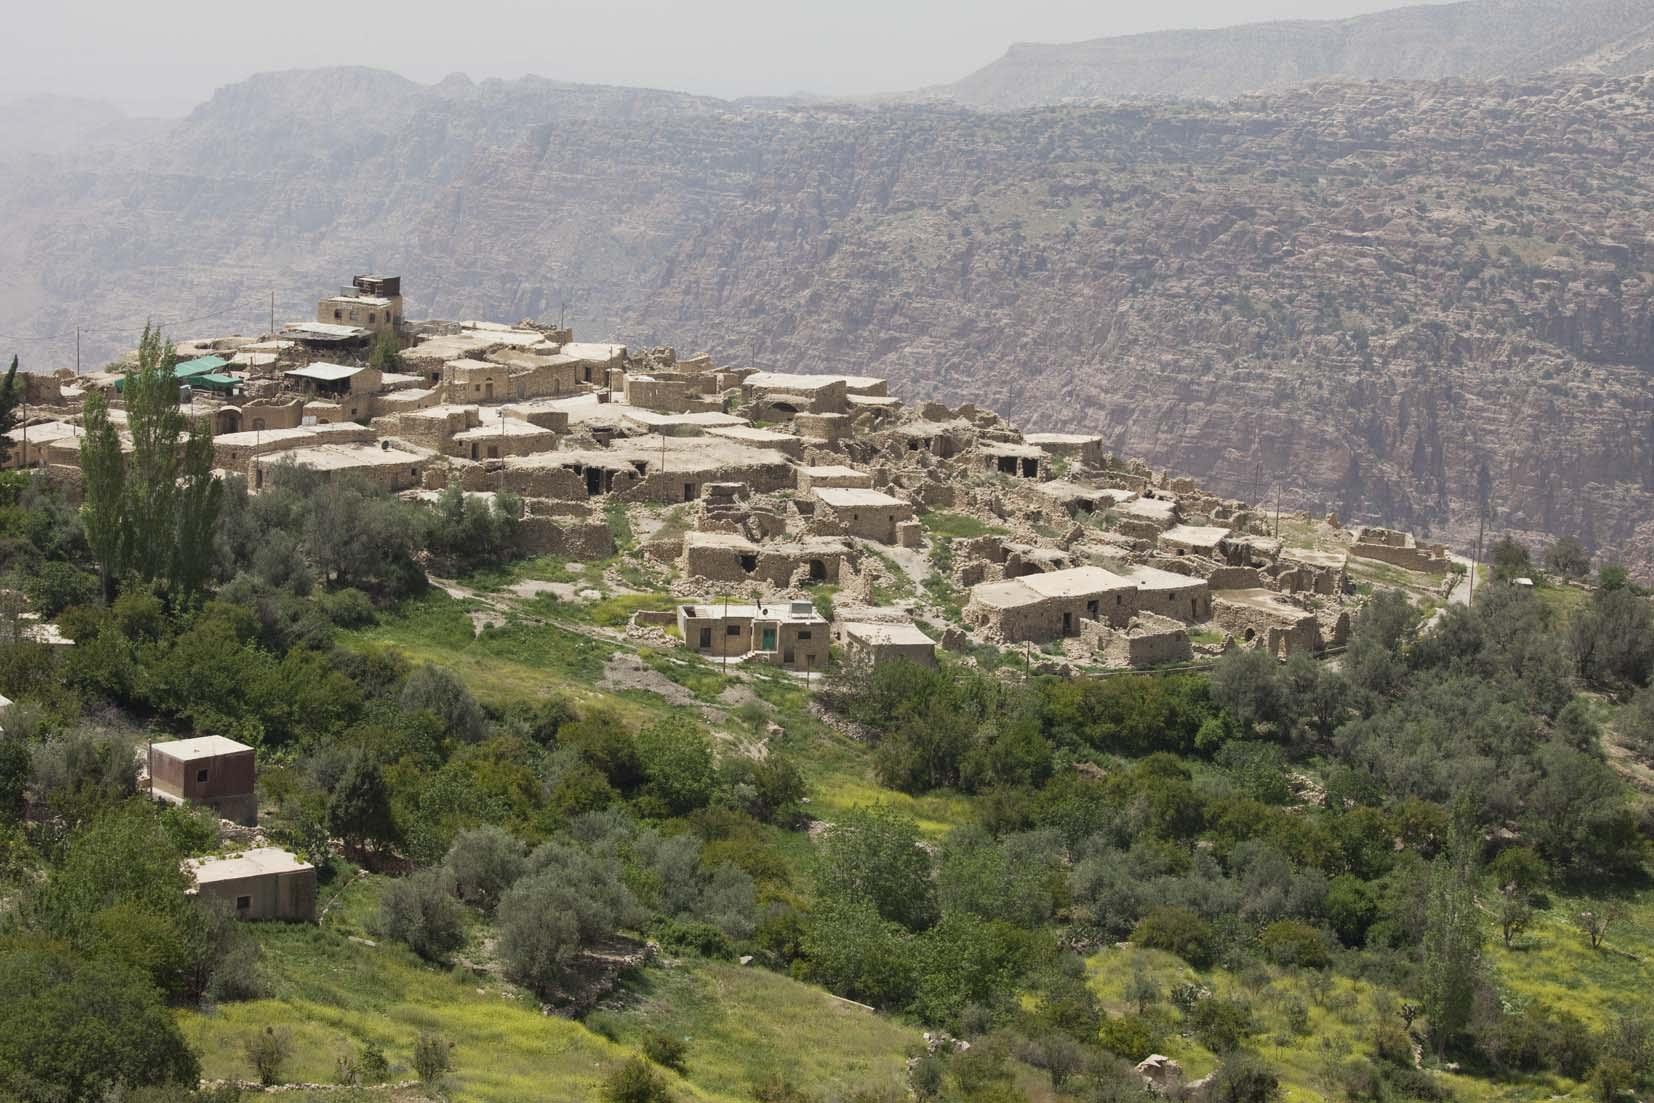 تجمع بين 4 أقاليم حيوية جغرافية في مكان واحد.. إليك روائع محمية ضانا للمحيط الحيوي بالأردن